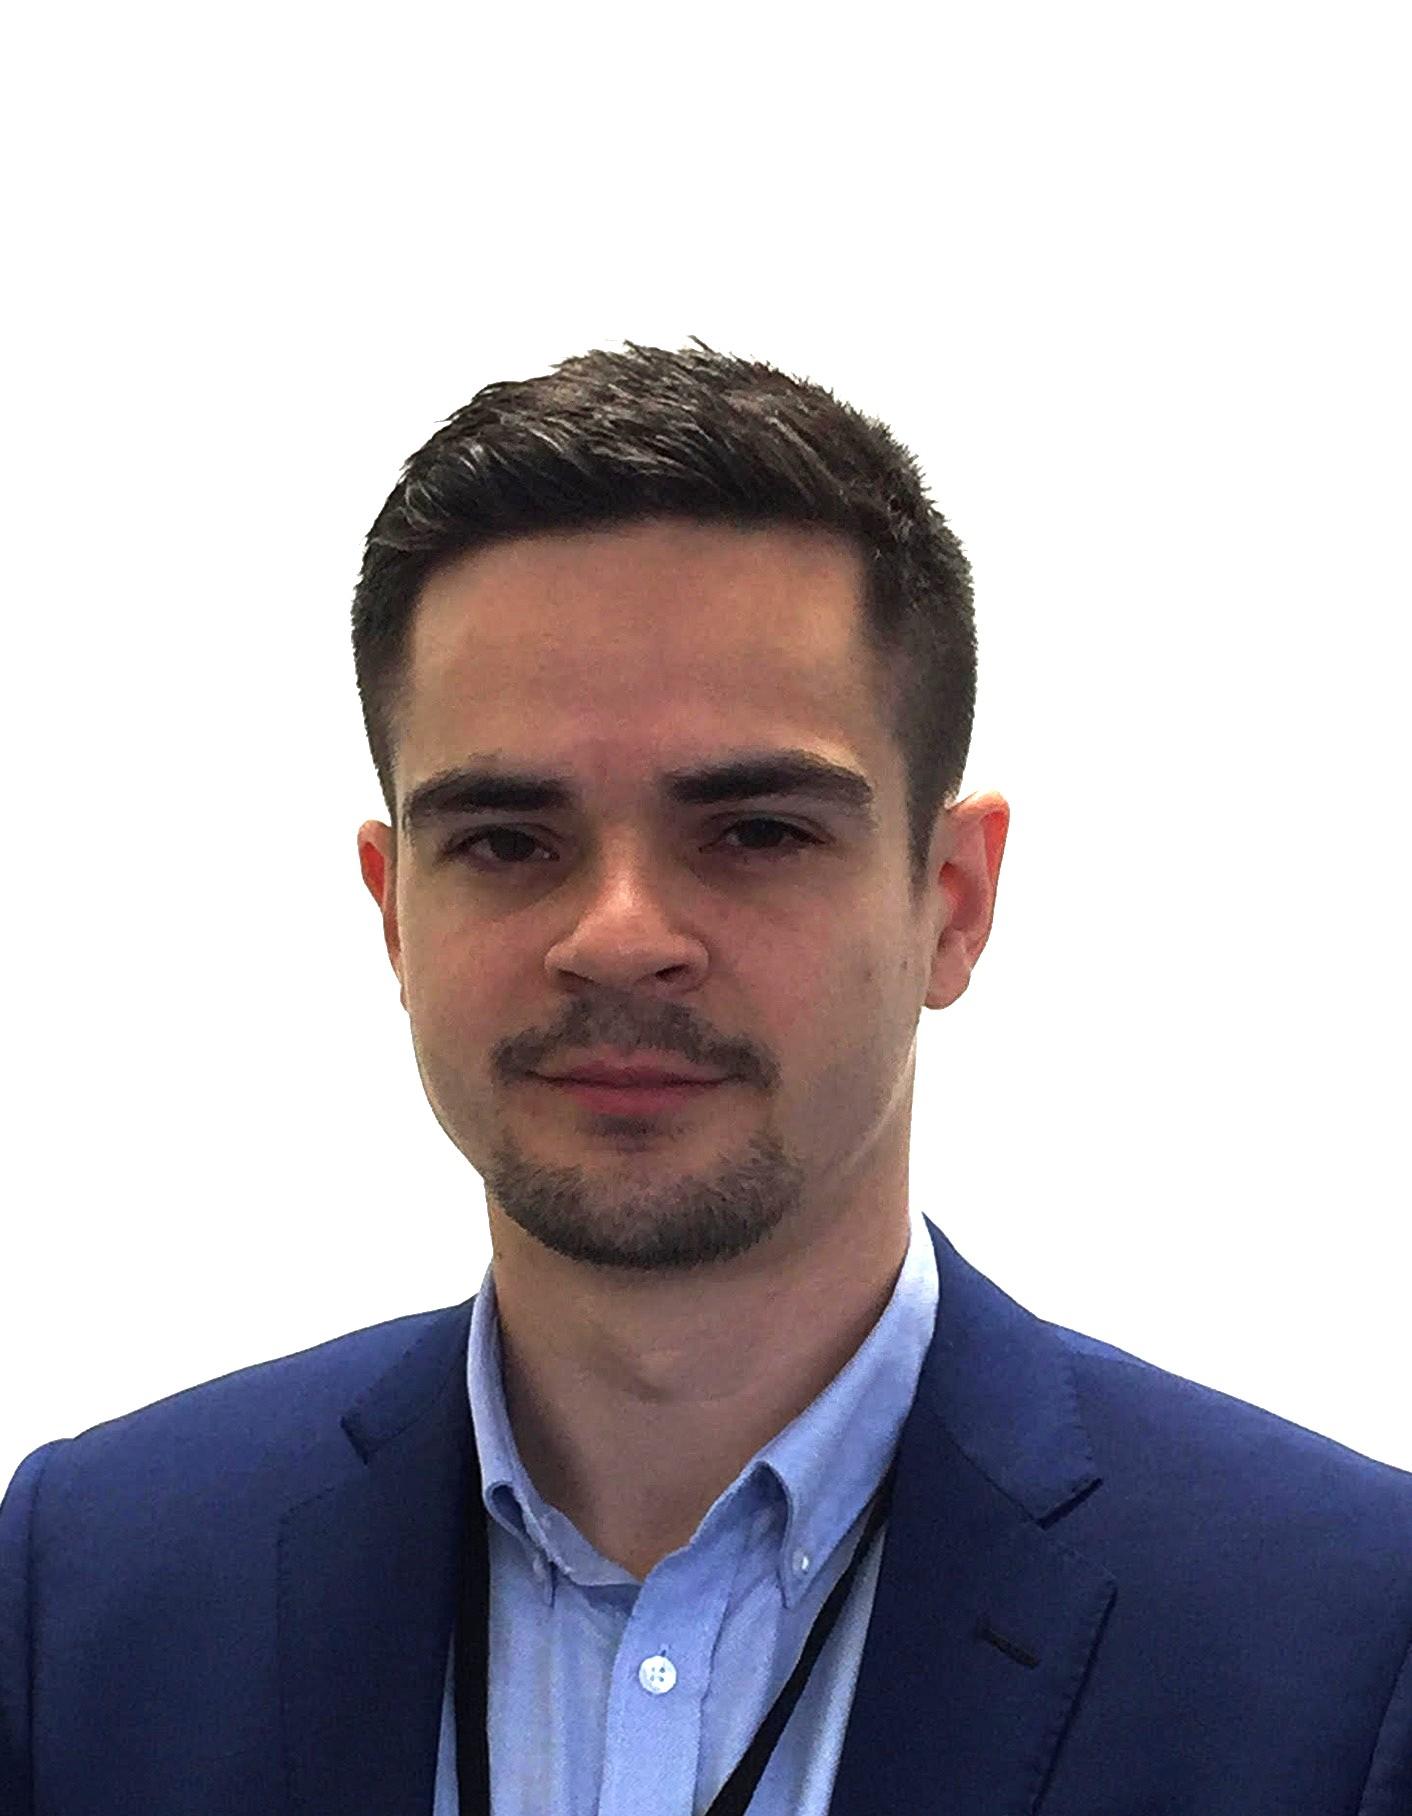 Nick Doy : Senior Data Analyst